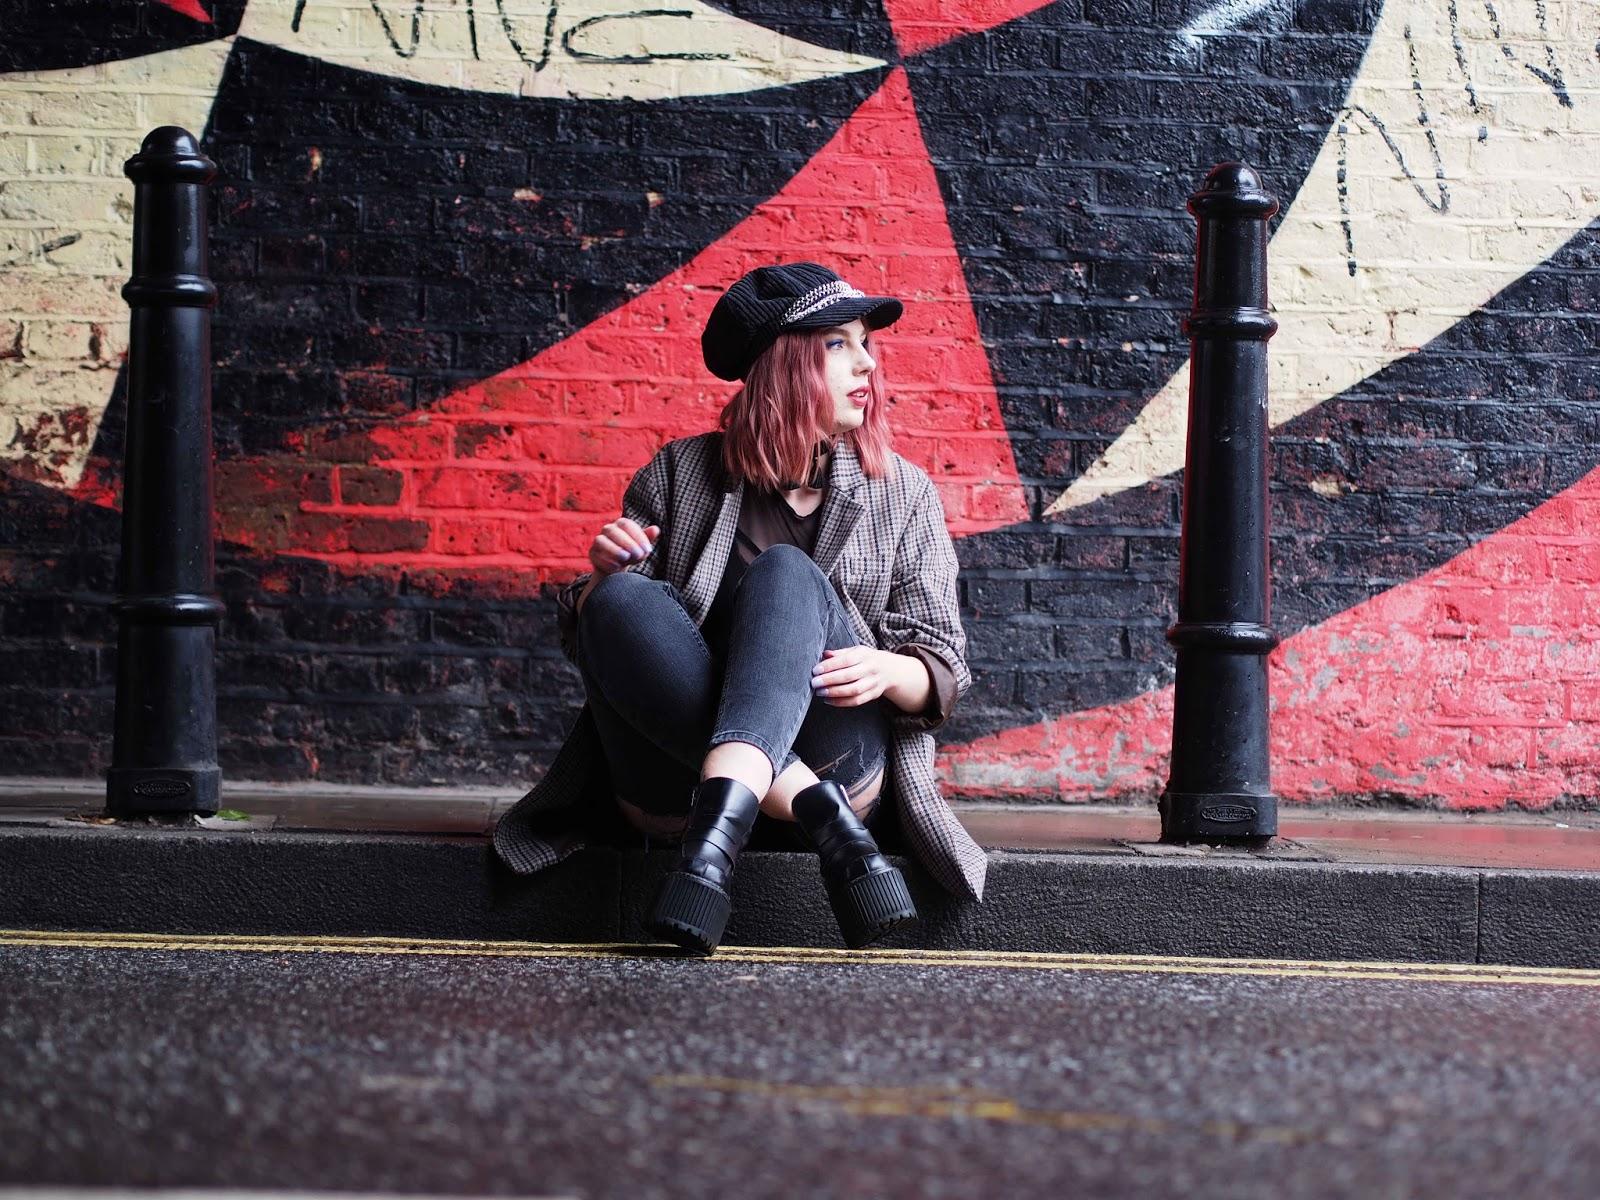 london street style, uk fashion blogger, grunge outfit ideas, grunge outfits, grunge blogger, uk fashion blogger, street style blogger, london fashion blogger